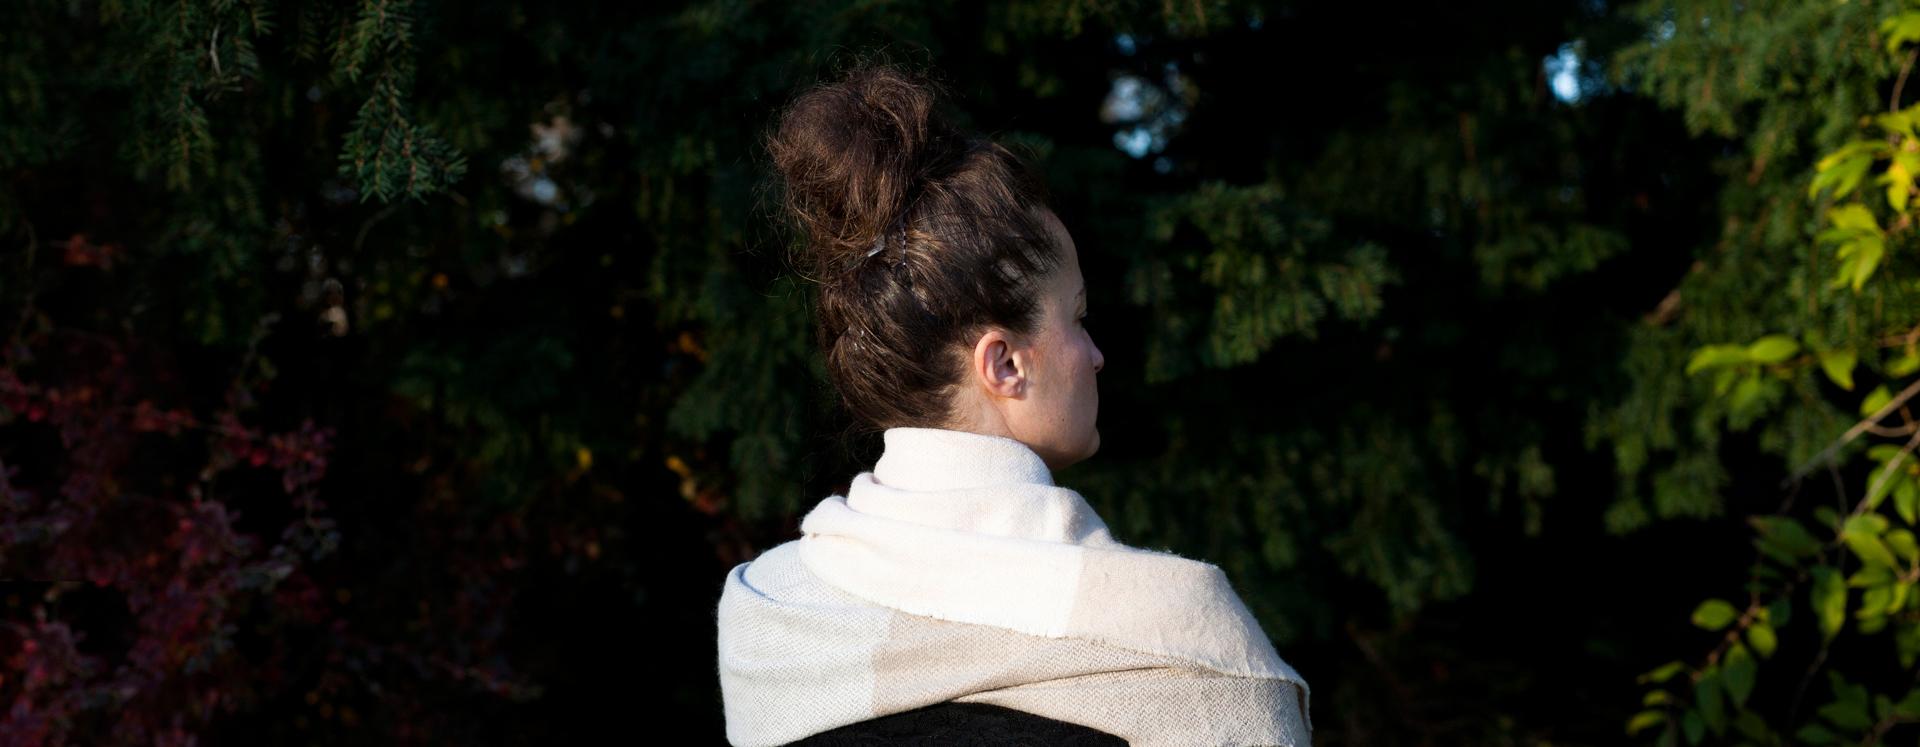 Anonym voldsudsat kvinde på krisecenter står ved nogle buske